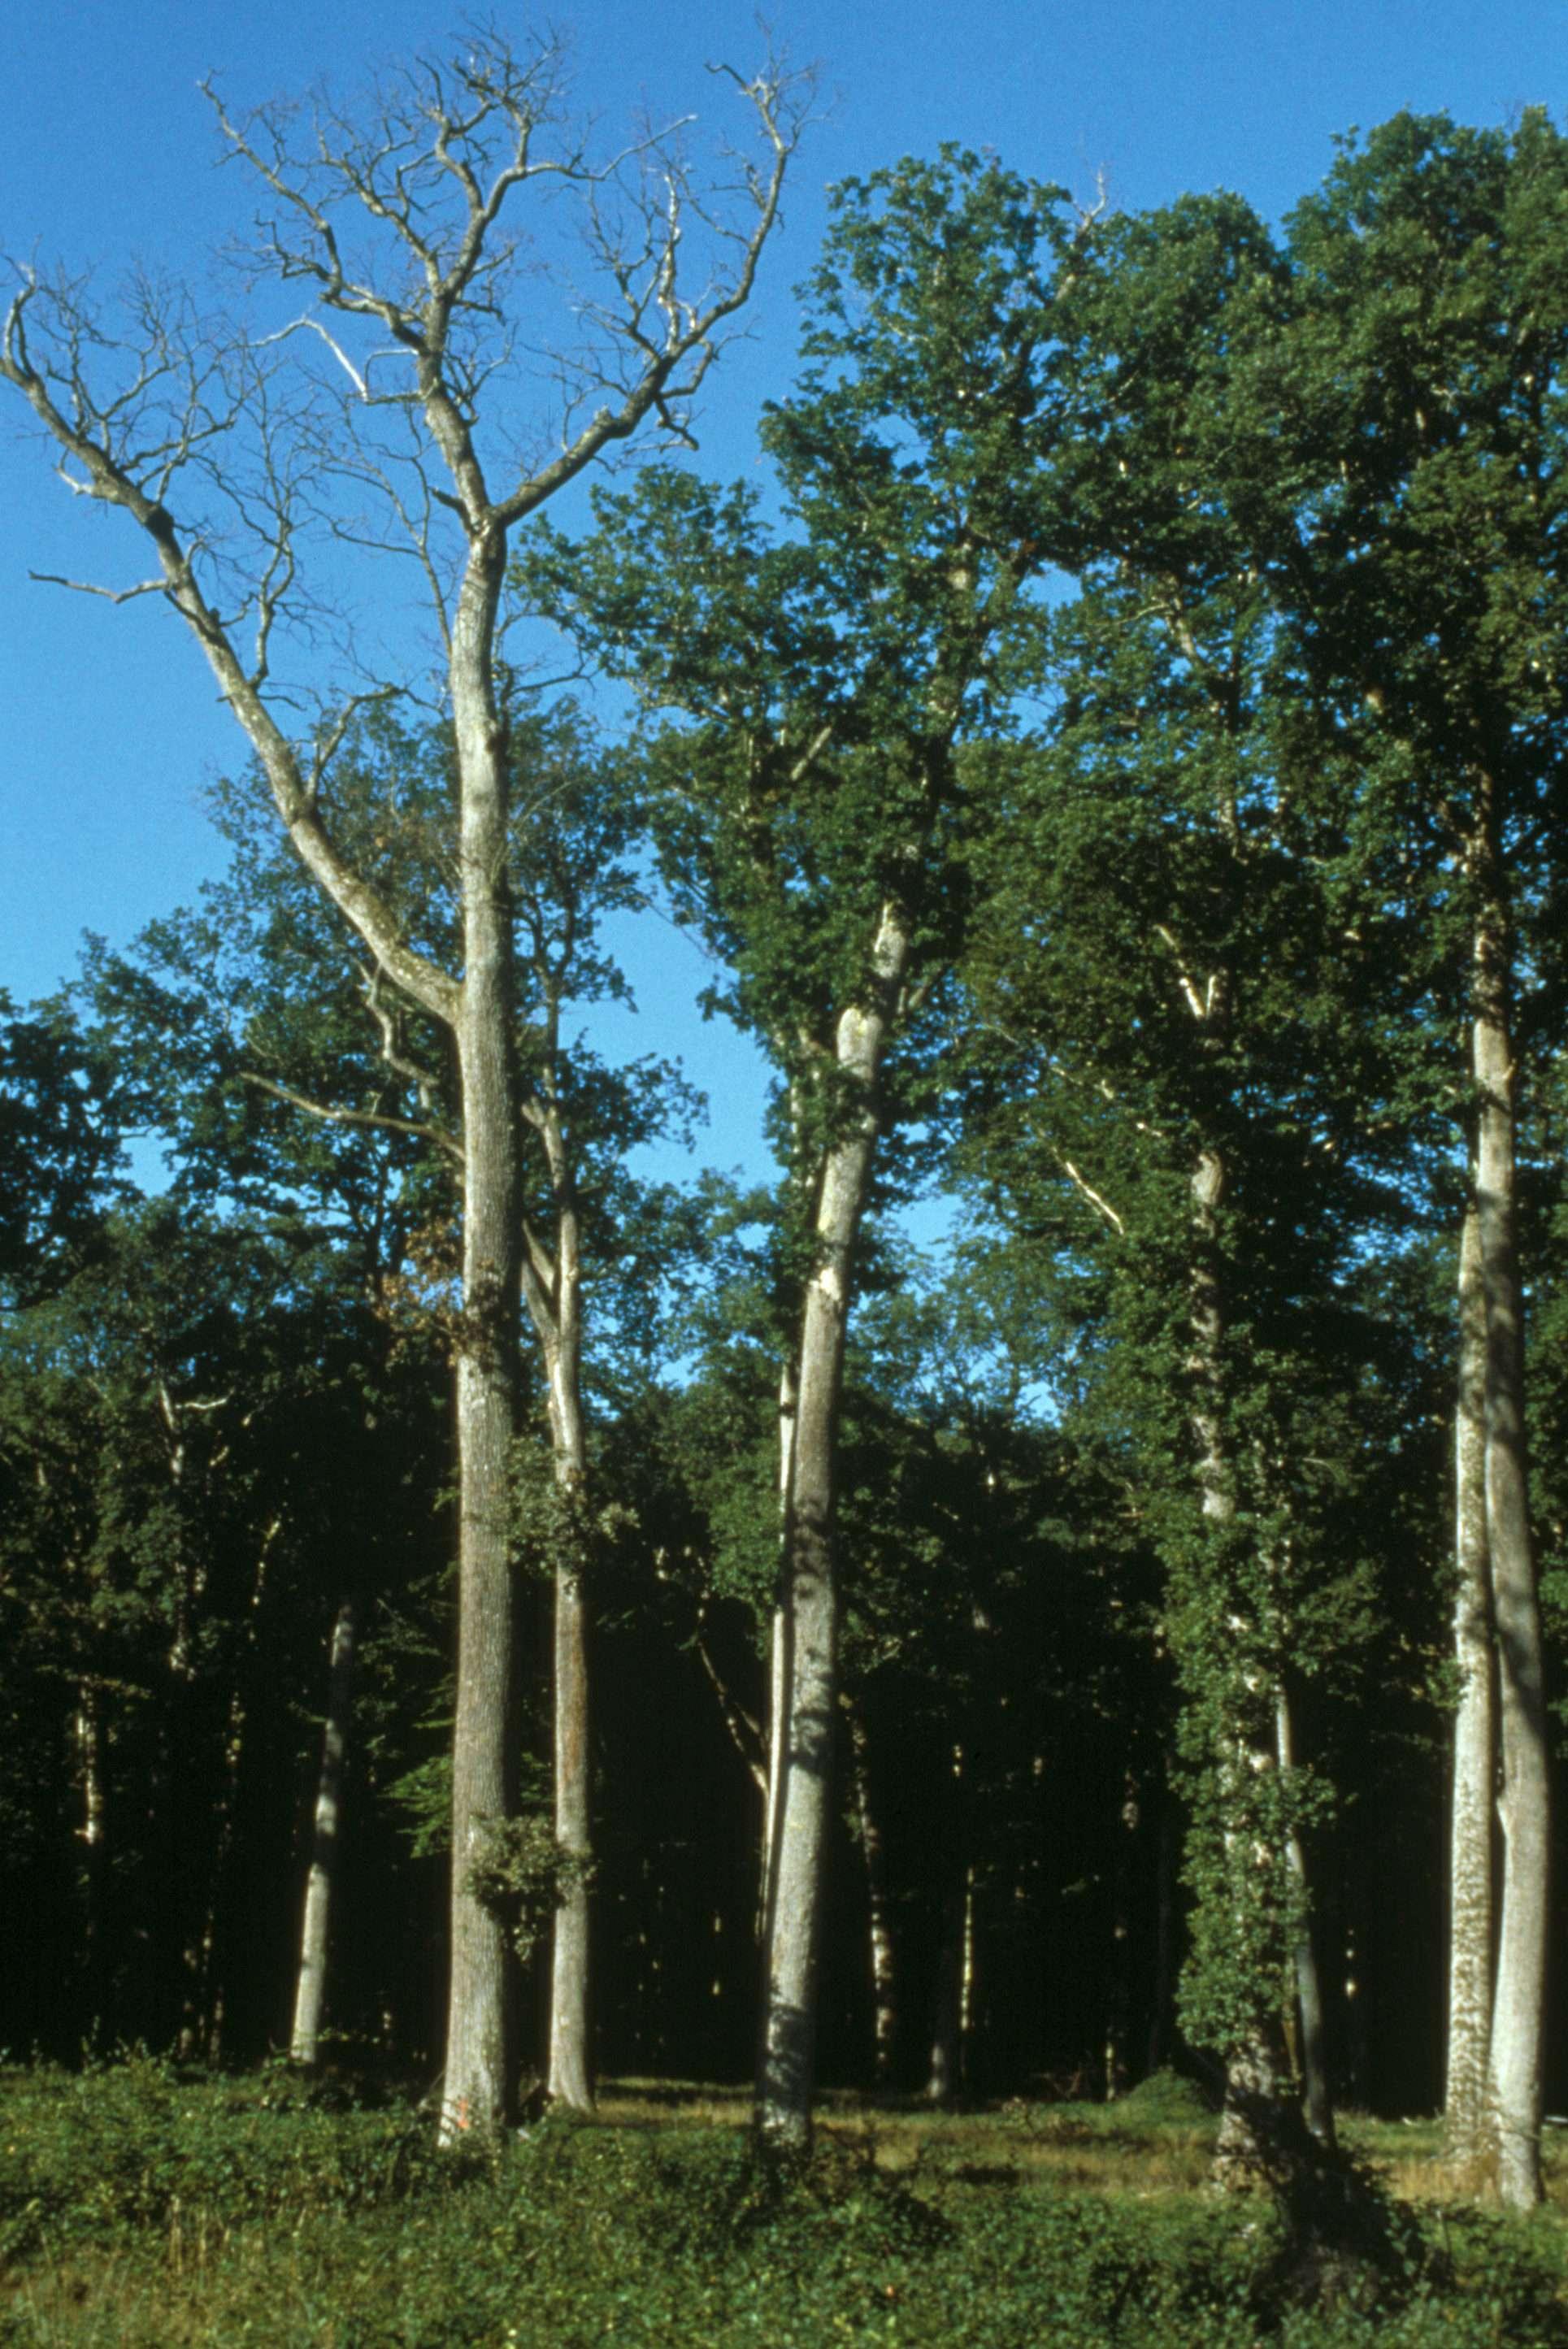 Effet du changement climatique : chêne pédonculé sec, chêne sessile vivant